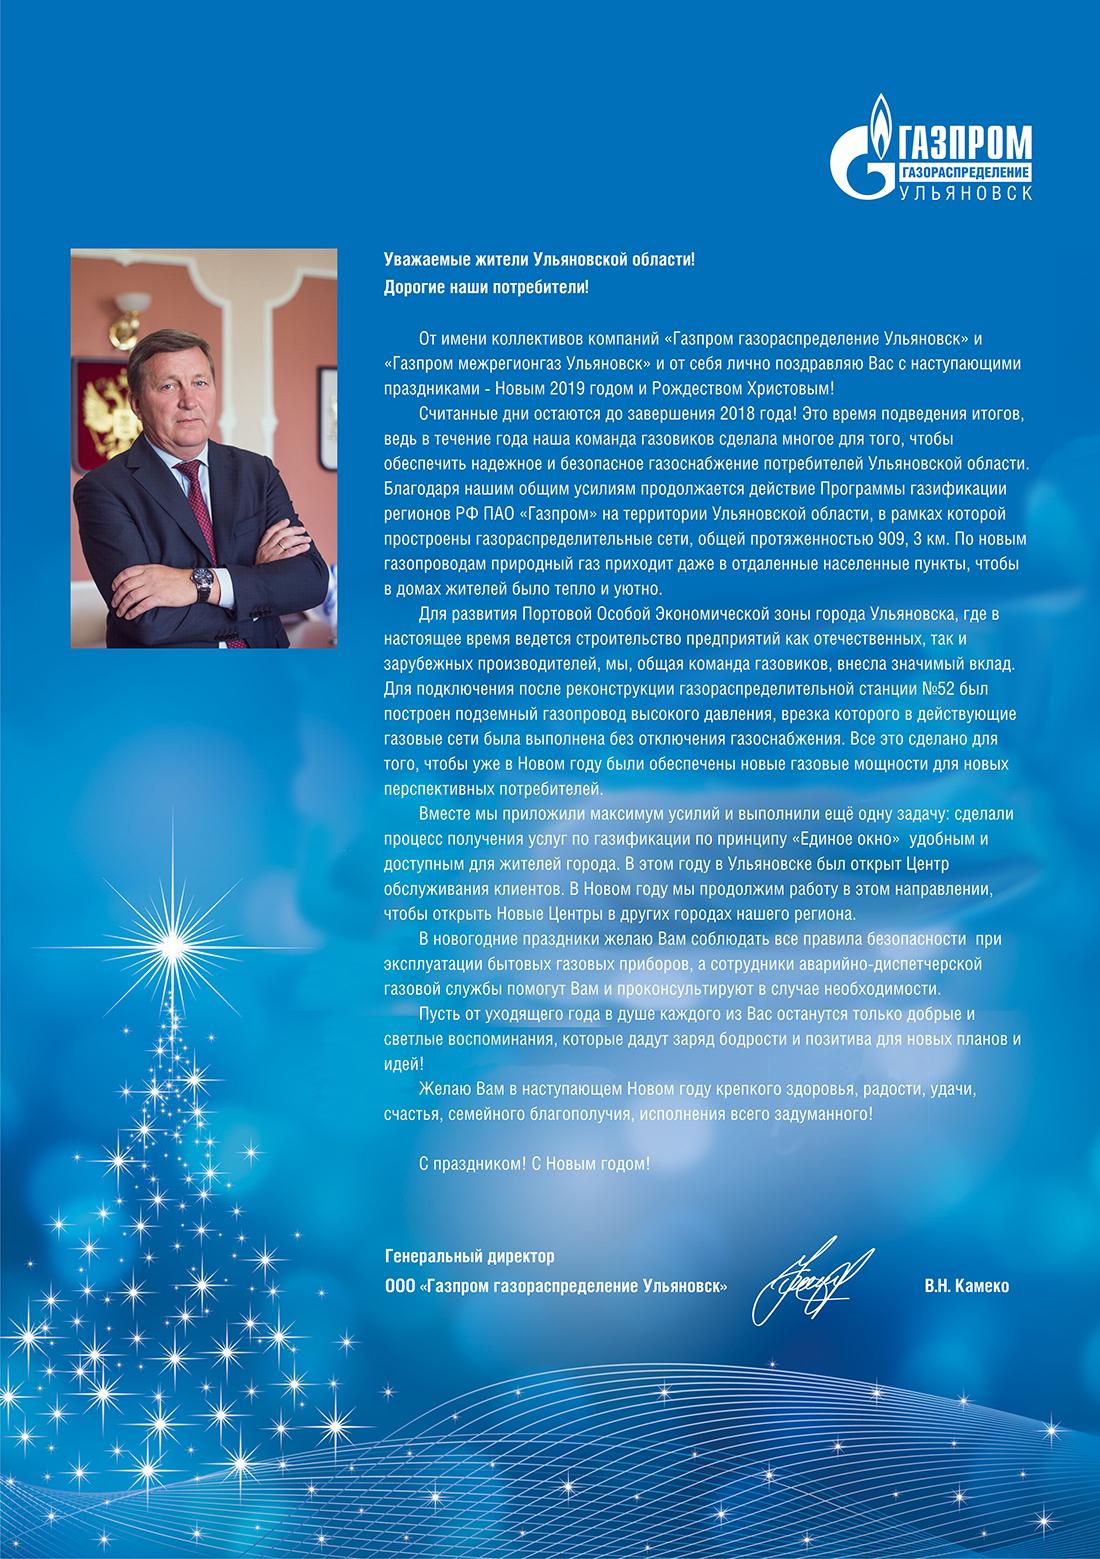 поздравление генерального директора газпрома связалась